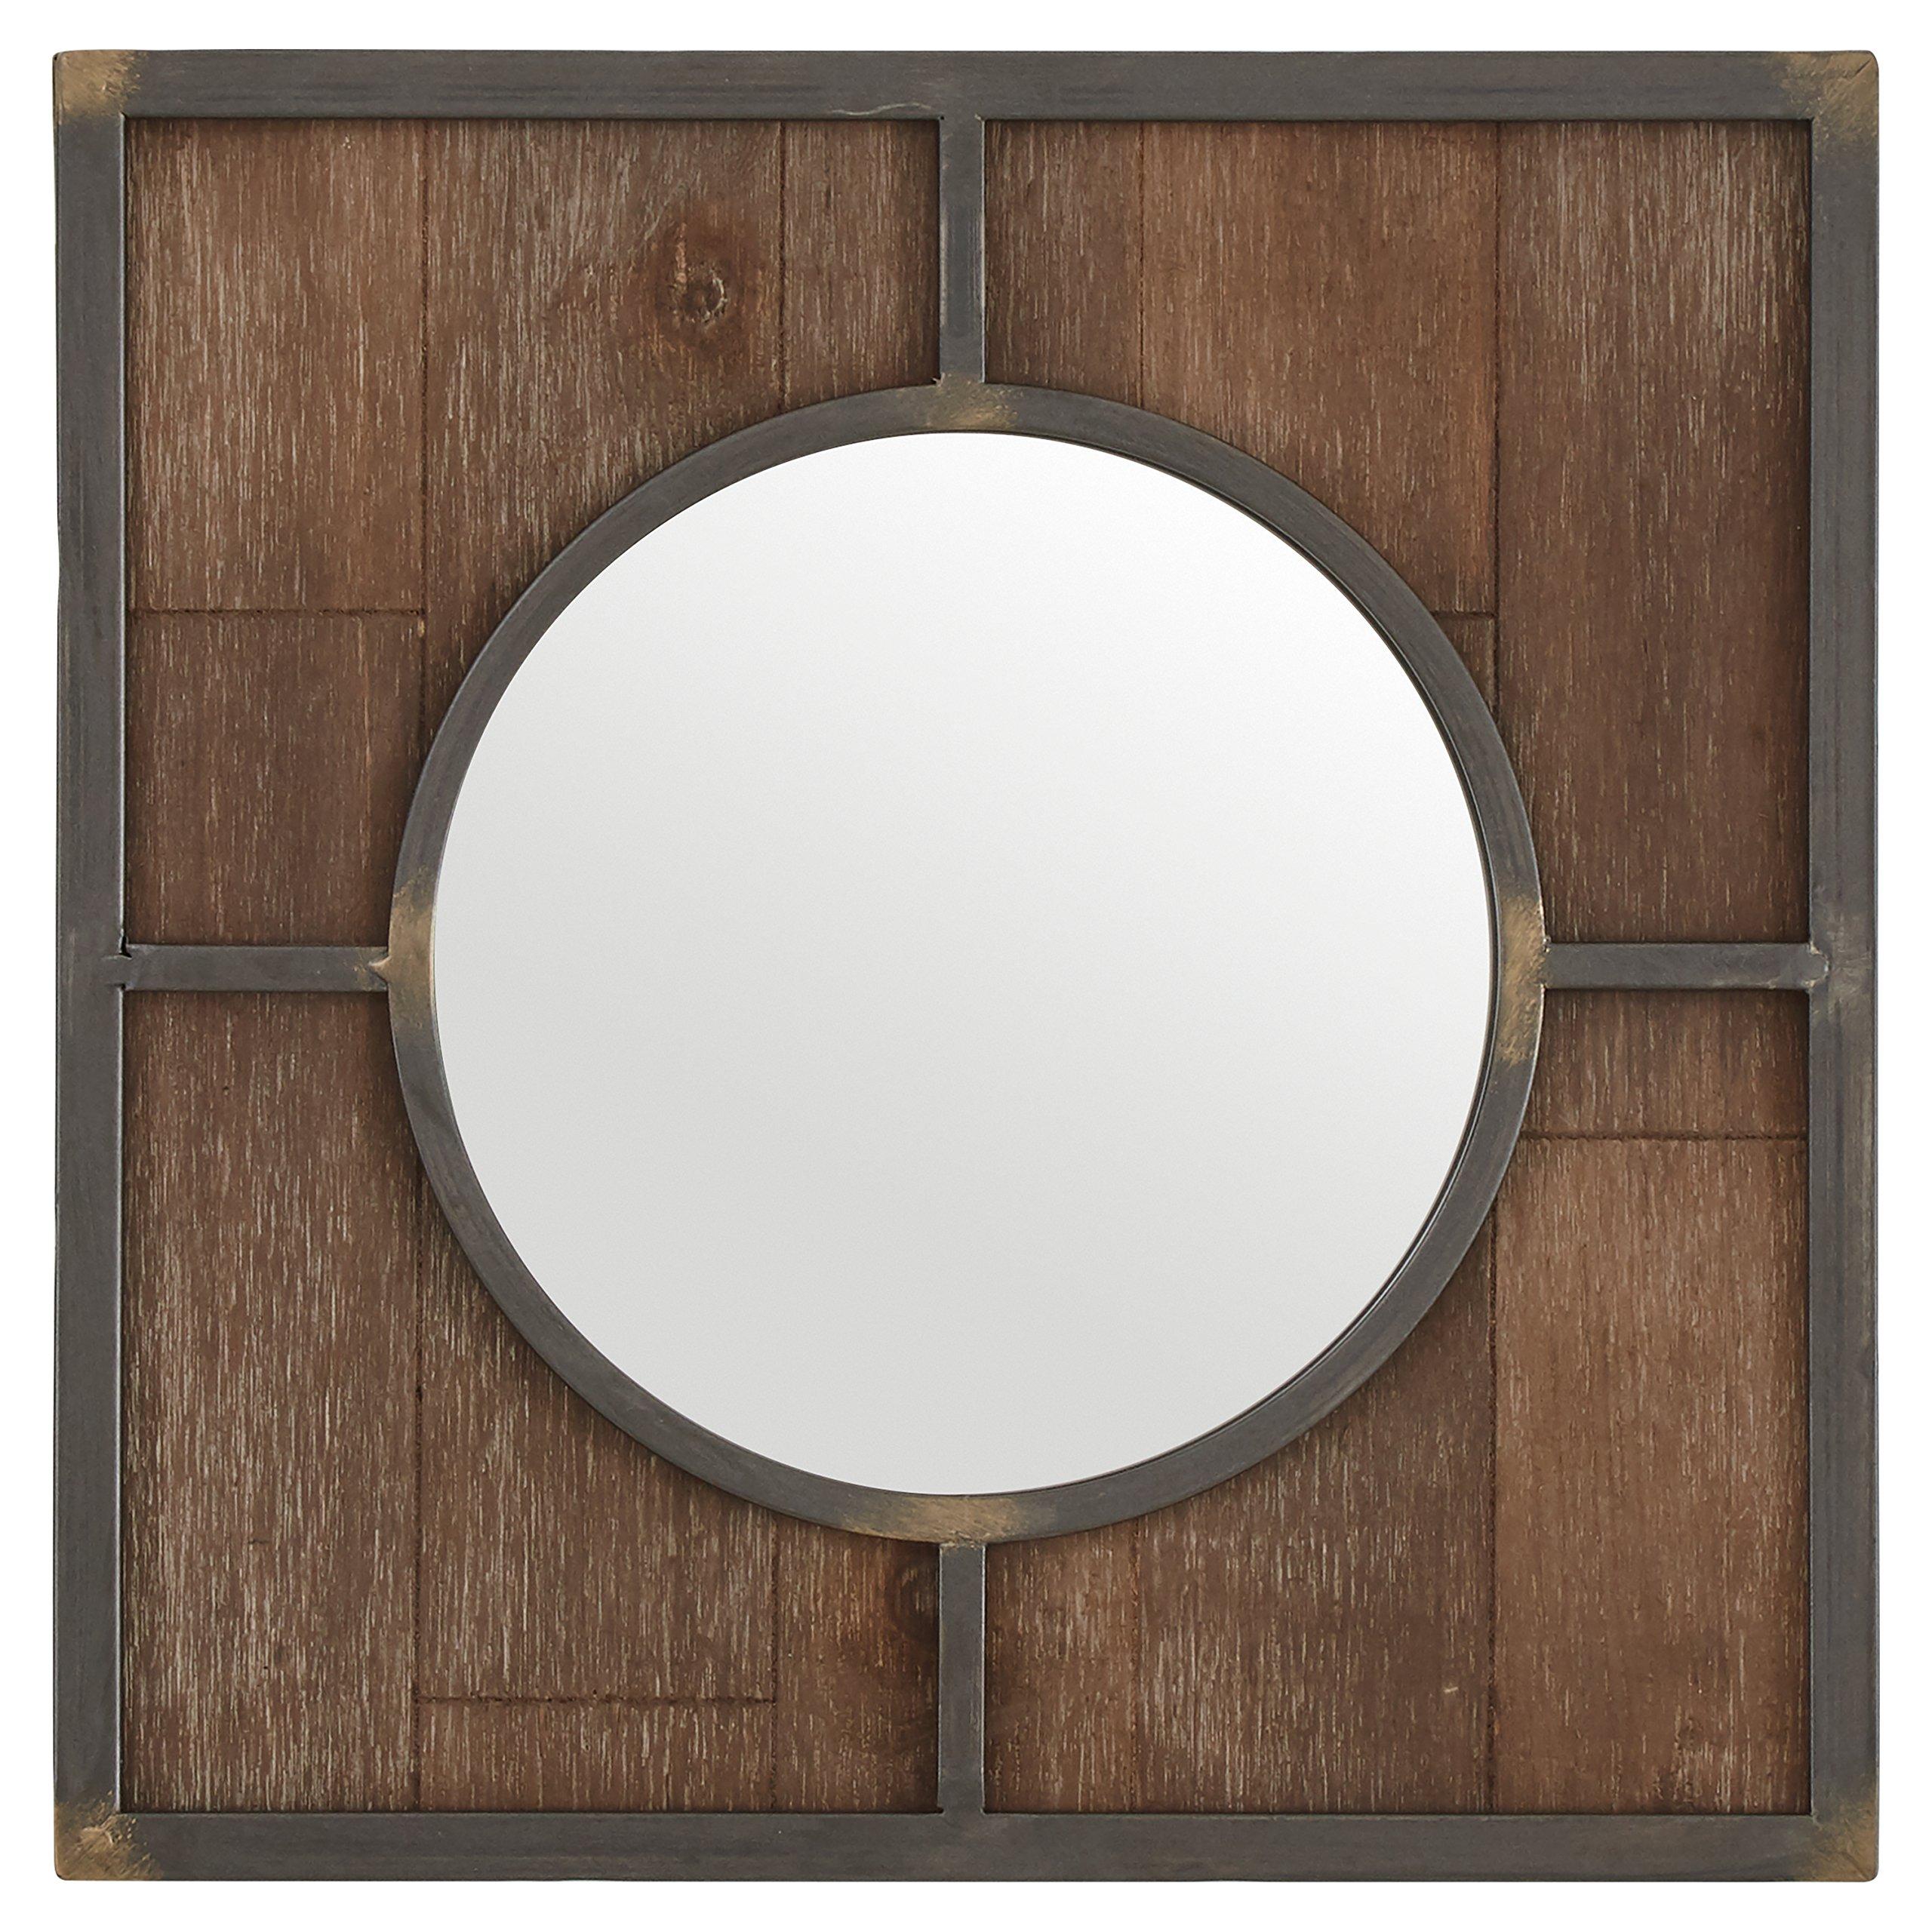 Stone & Beam Round Wood Quadrant Mirror, 15''H, Dark Wood Finish